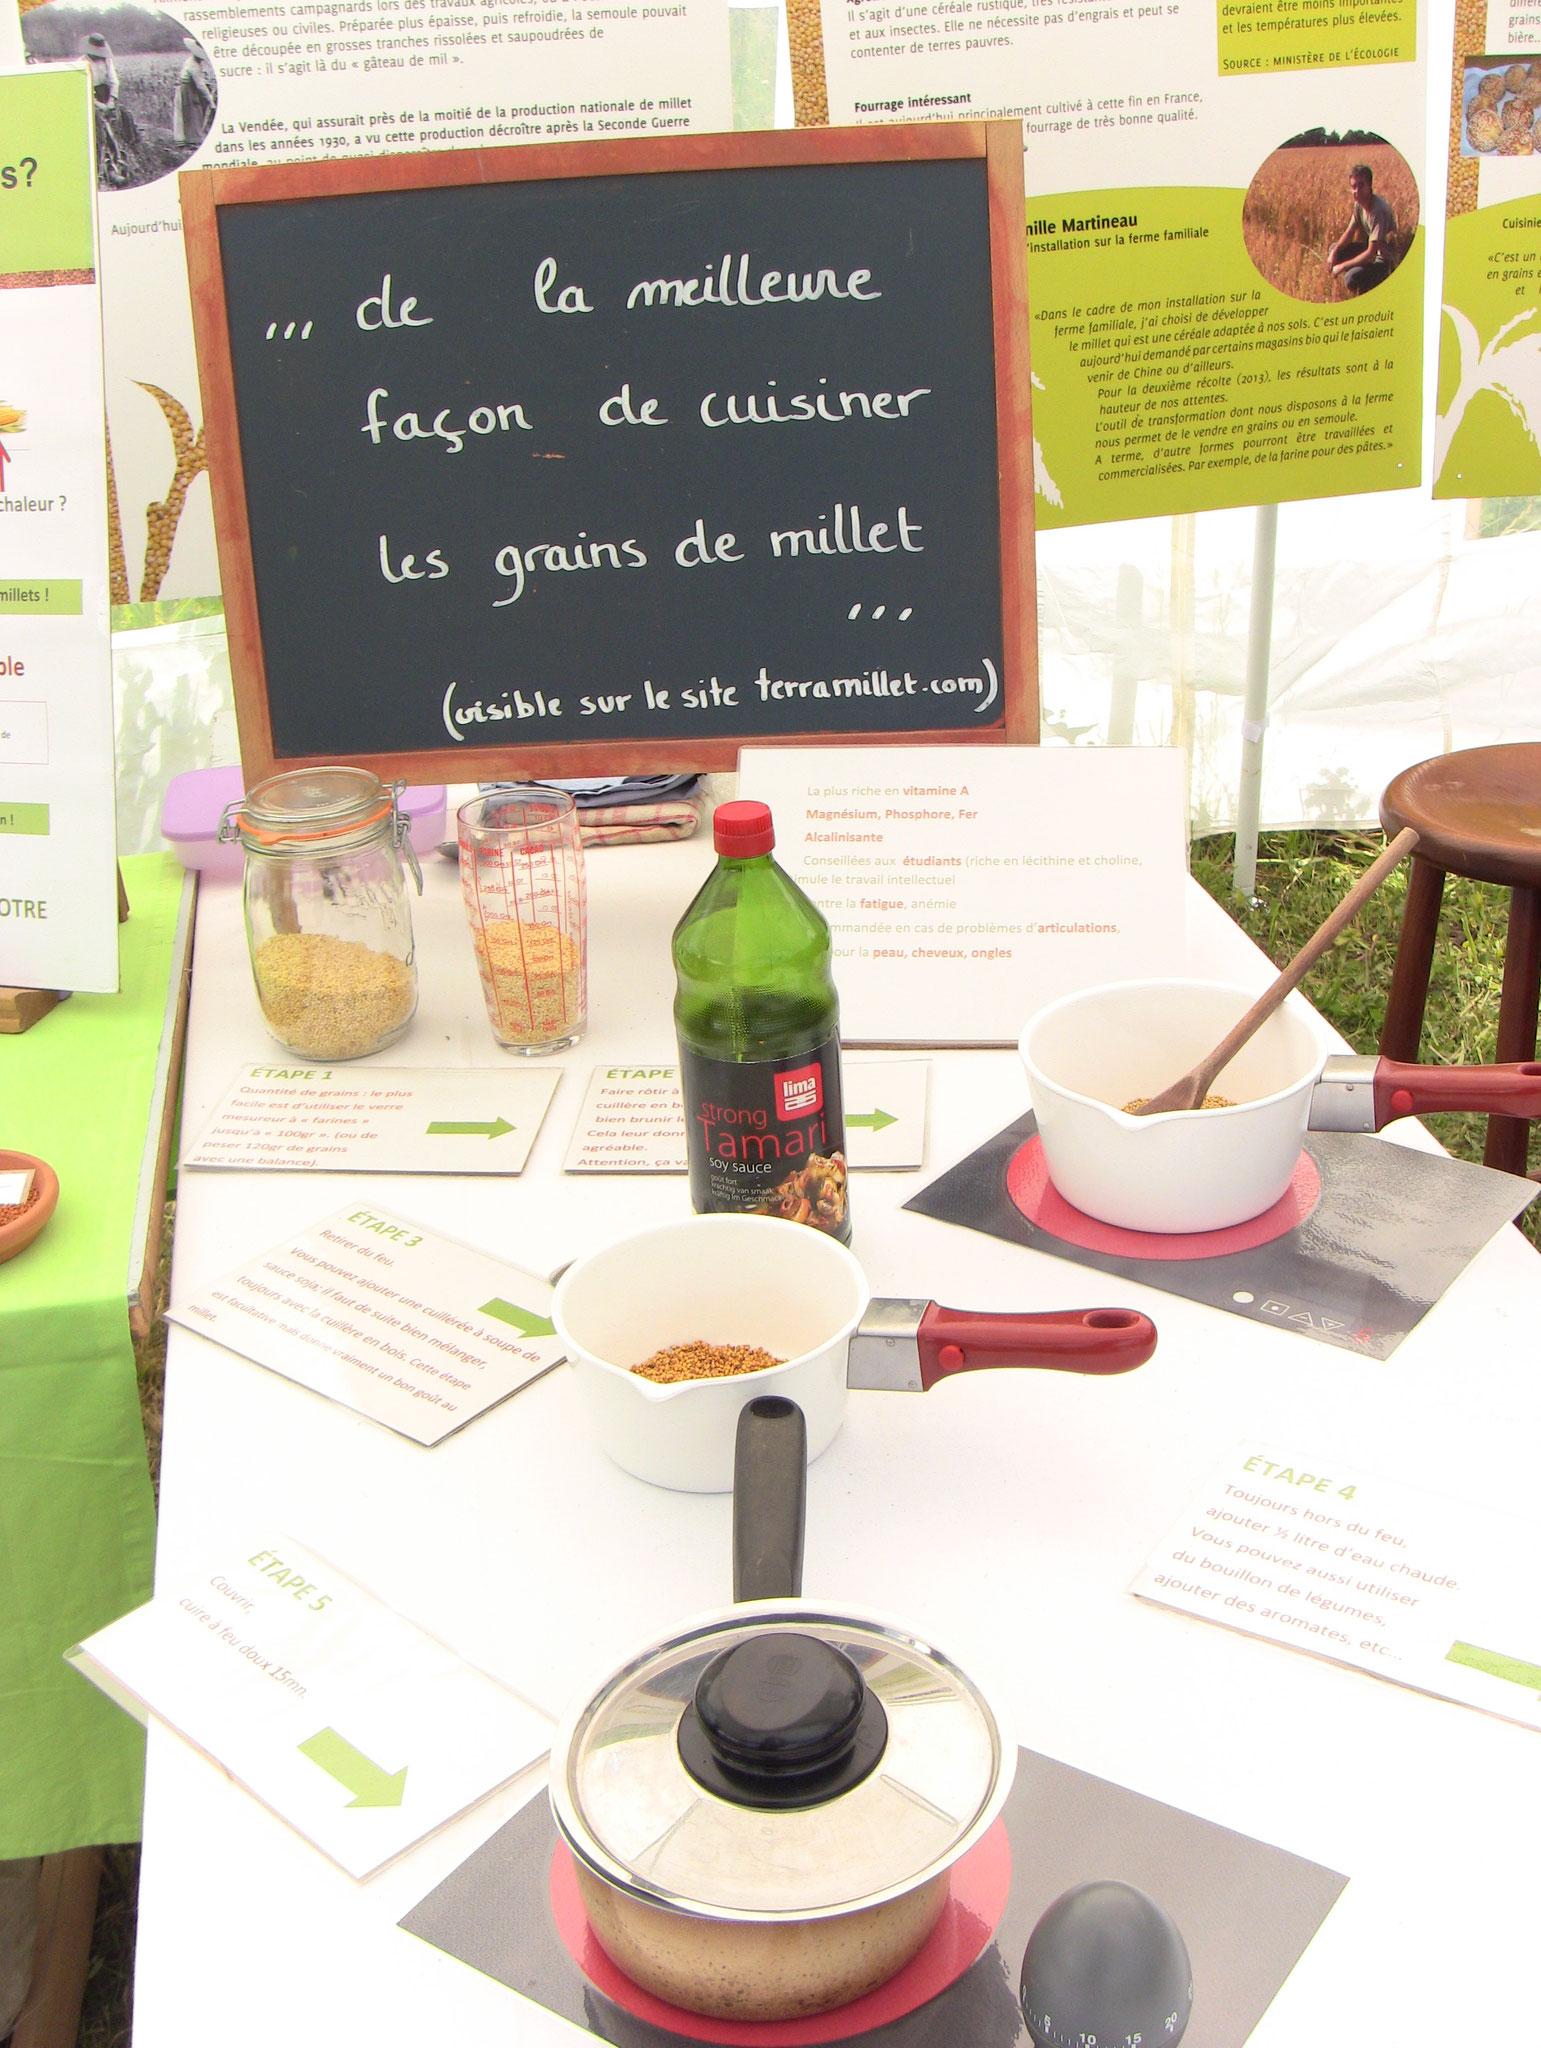 Nouveau sur notre stand, les étapes détaillées sur De La Meilleure Façon de Cuisiner les Grains de Millets